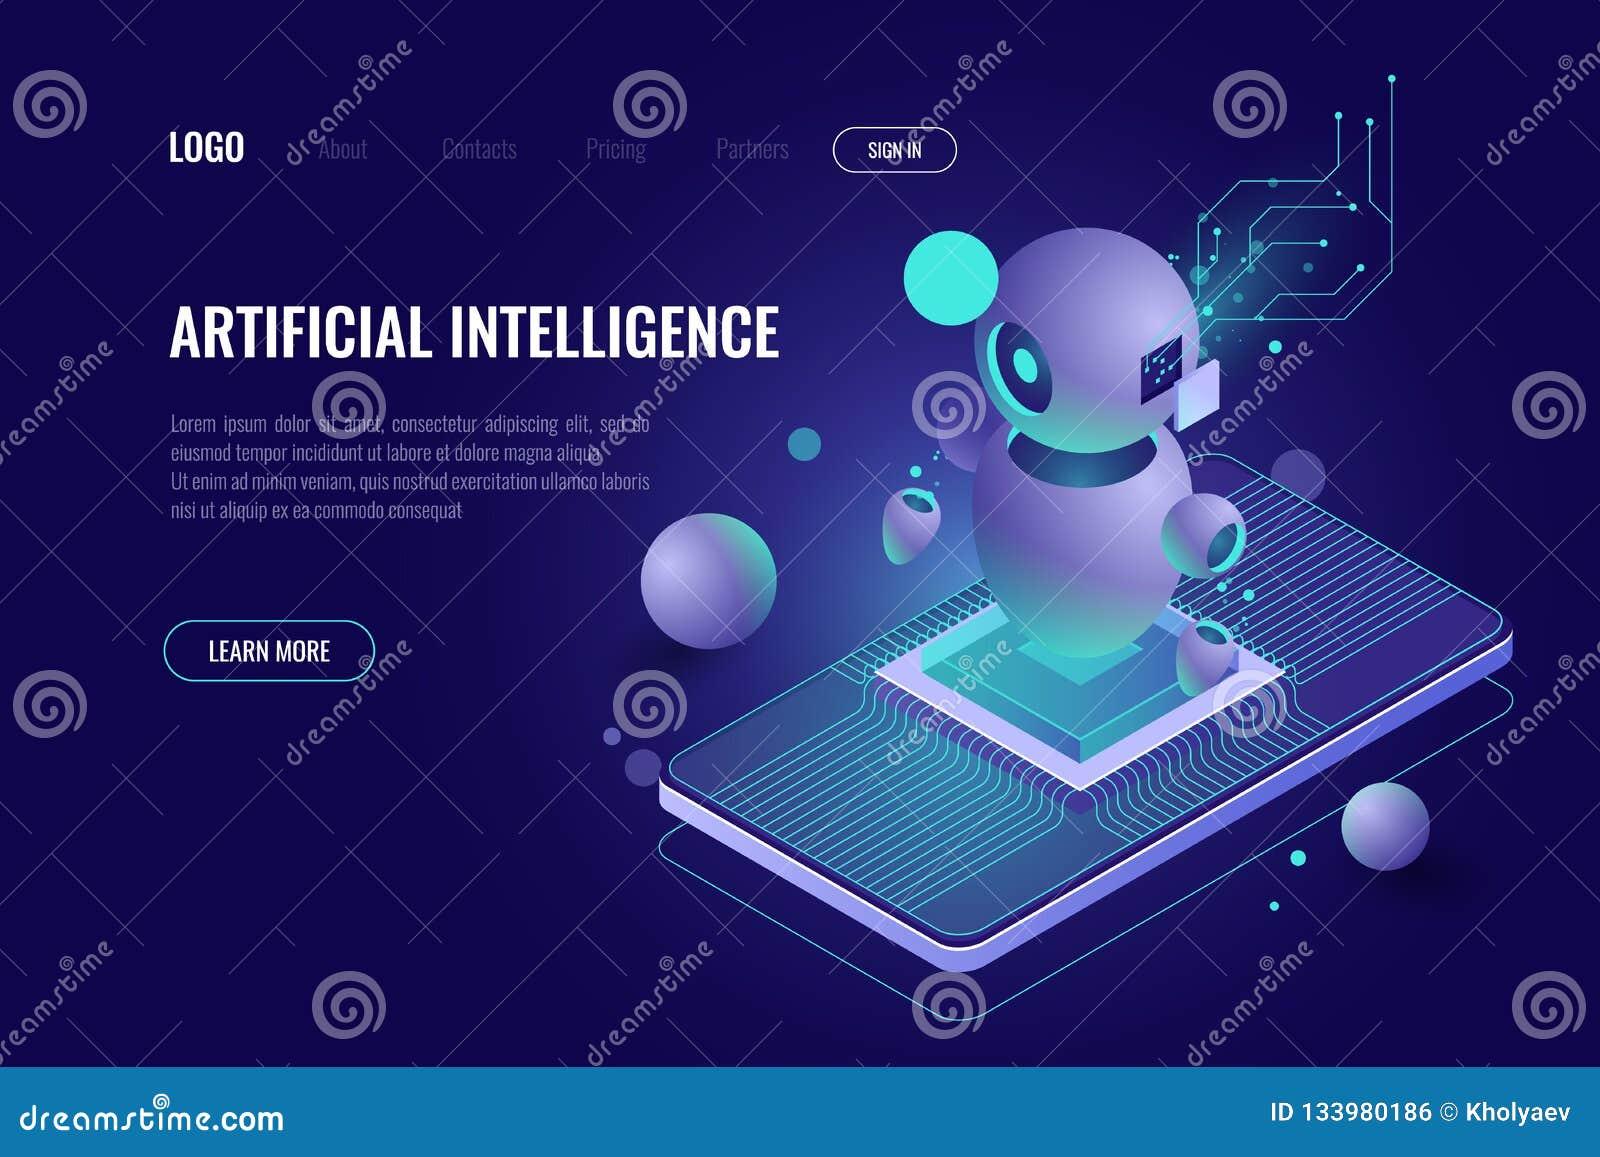 Intelligenza artificiale ai isometrica, tecnologia del robot, elaborazione dei dati astuta ed analisi, applicazione del telefono